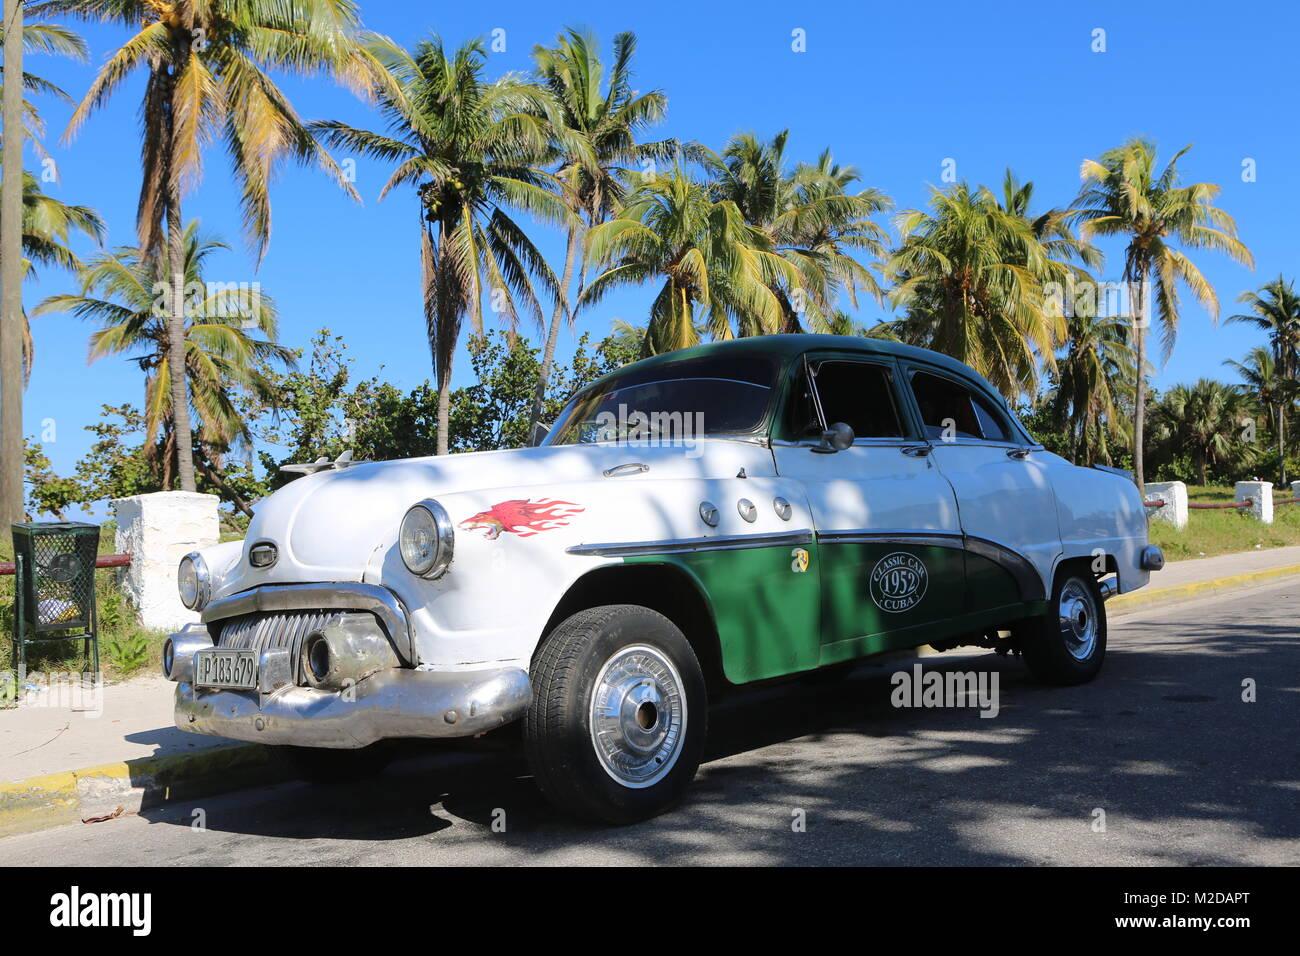 Autos in der Straße in La Habana - Kuba Stockbild